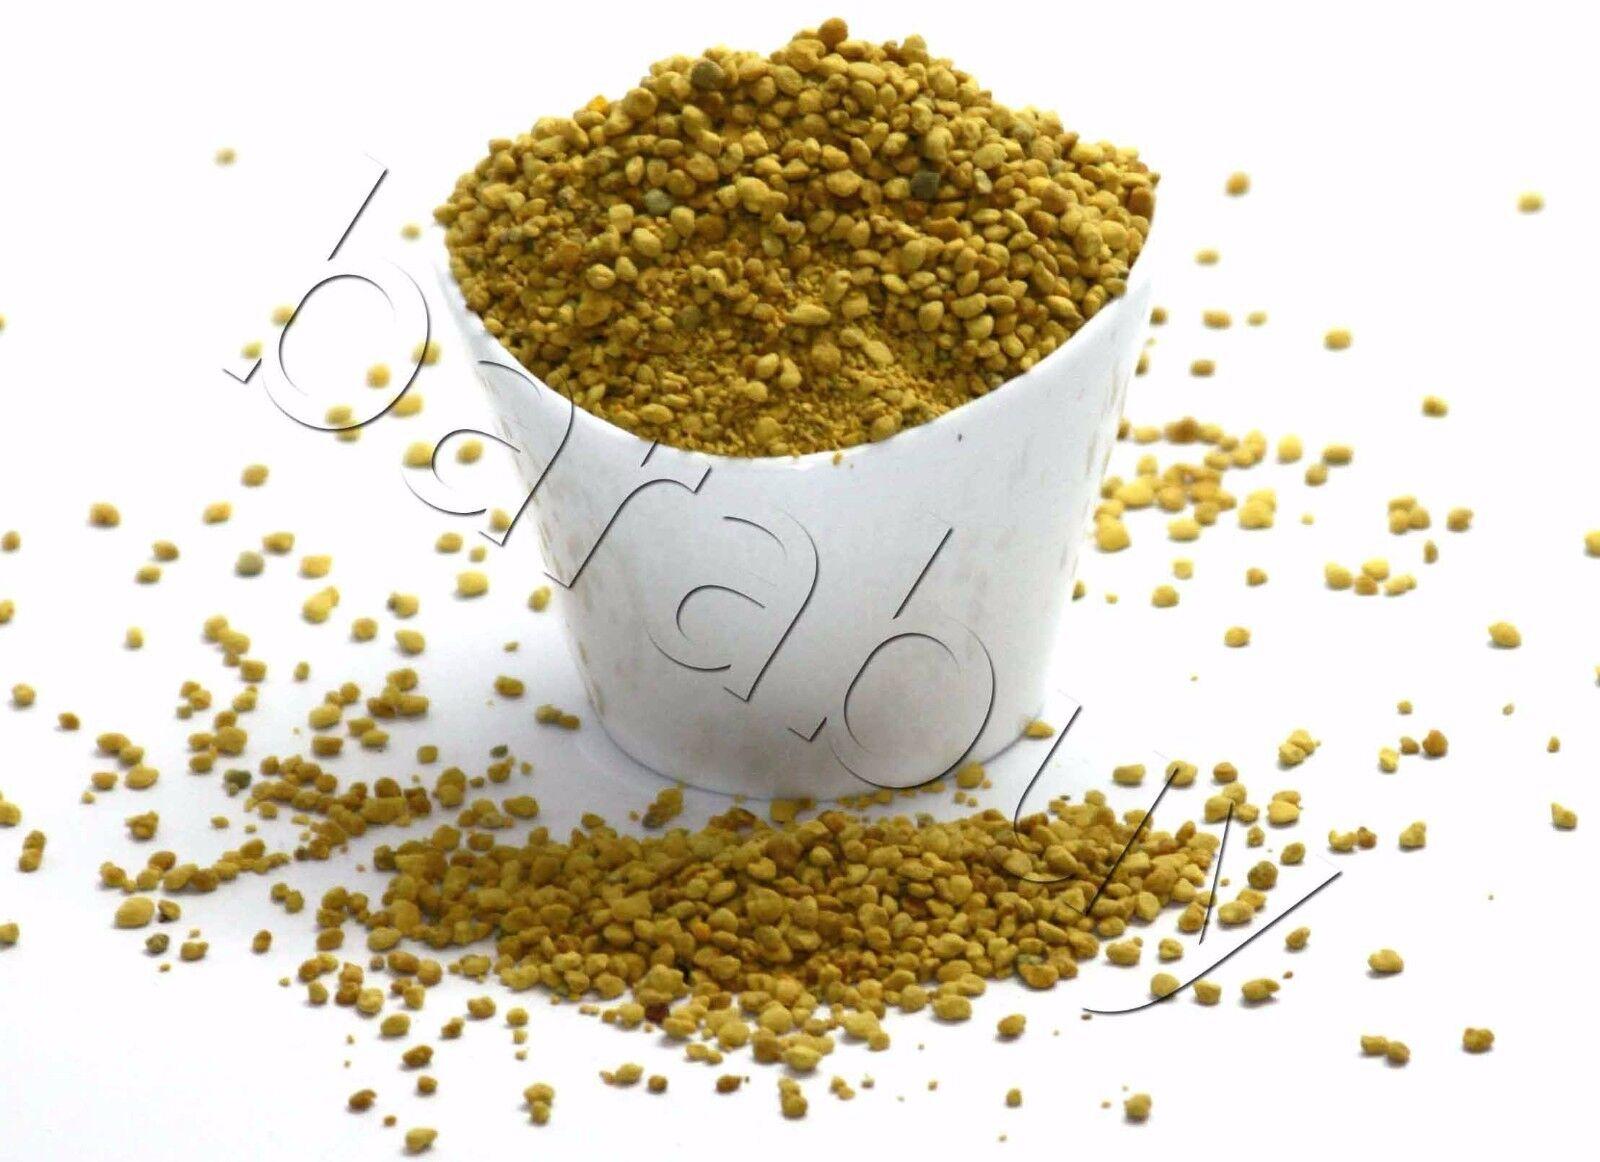 BEE POLLEN 100% Pure Organic Bee Pollen Granules 7 oz FDA Certified